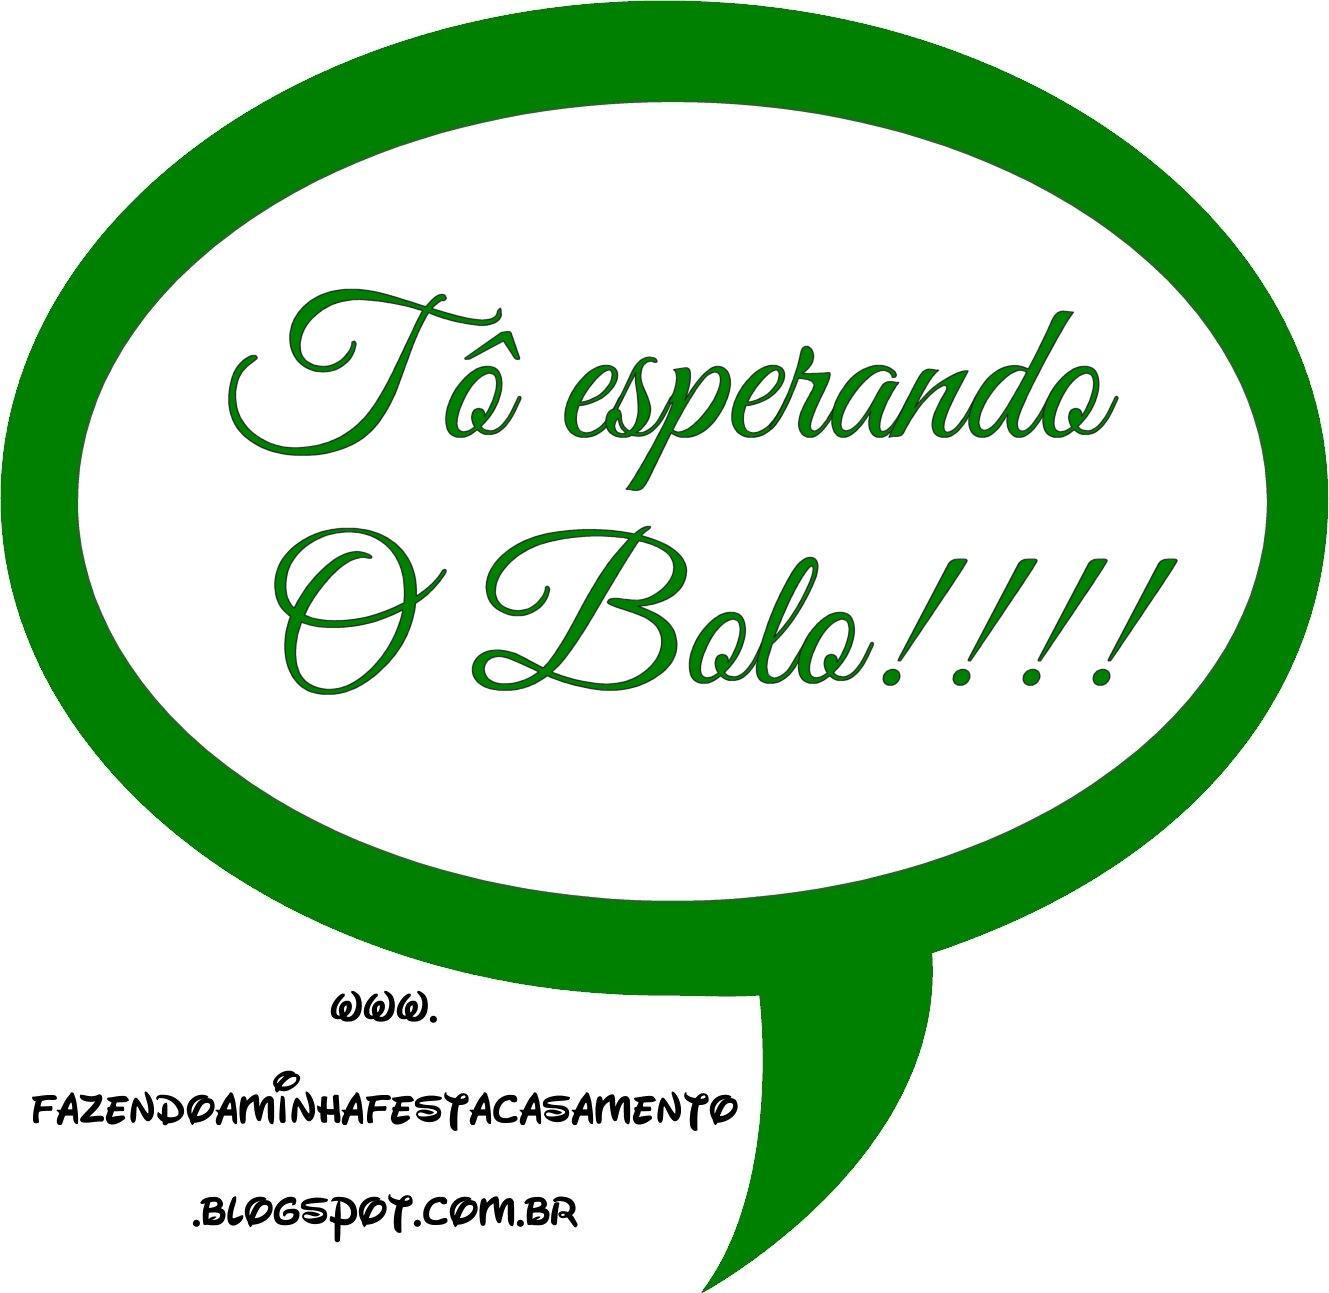 HOJE ANIVERSÁRIO IRMÃO JAIRO Esperando+bolo